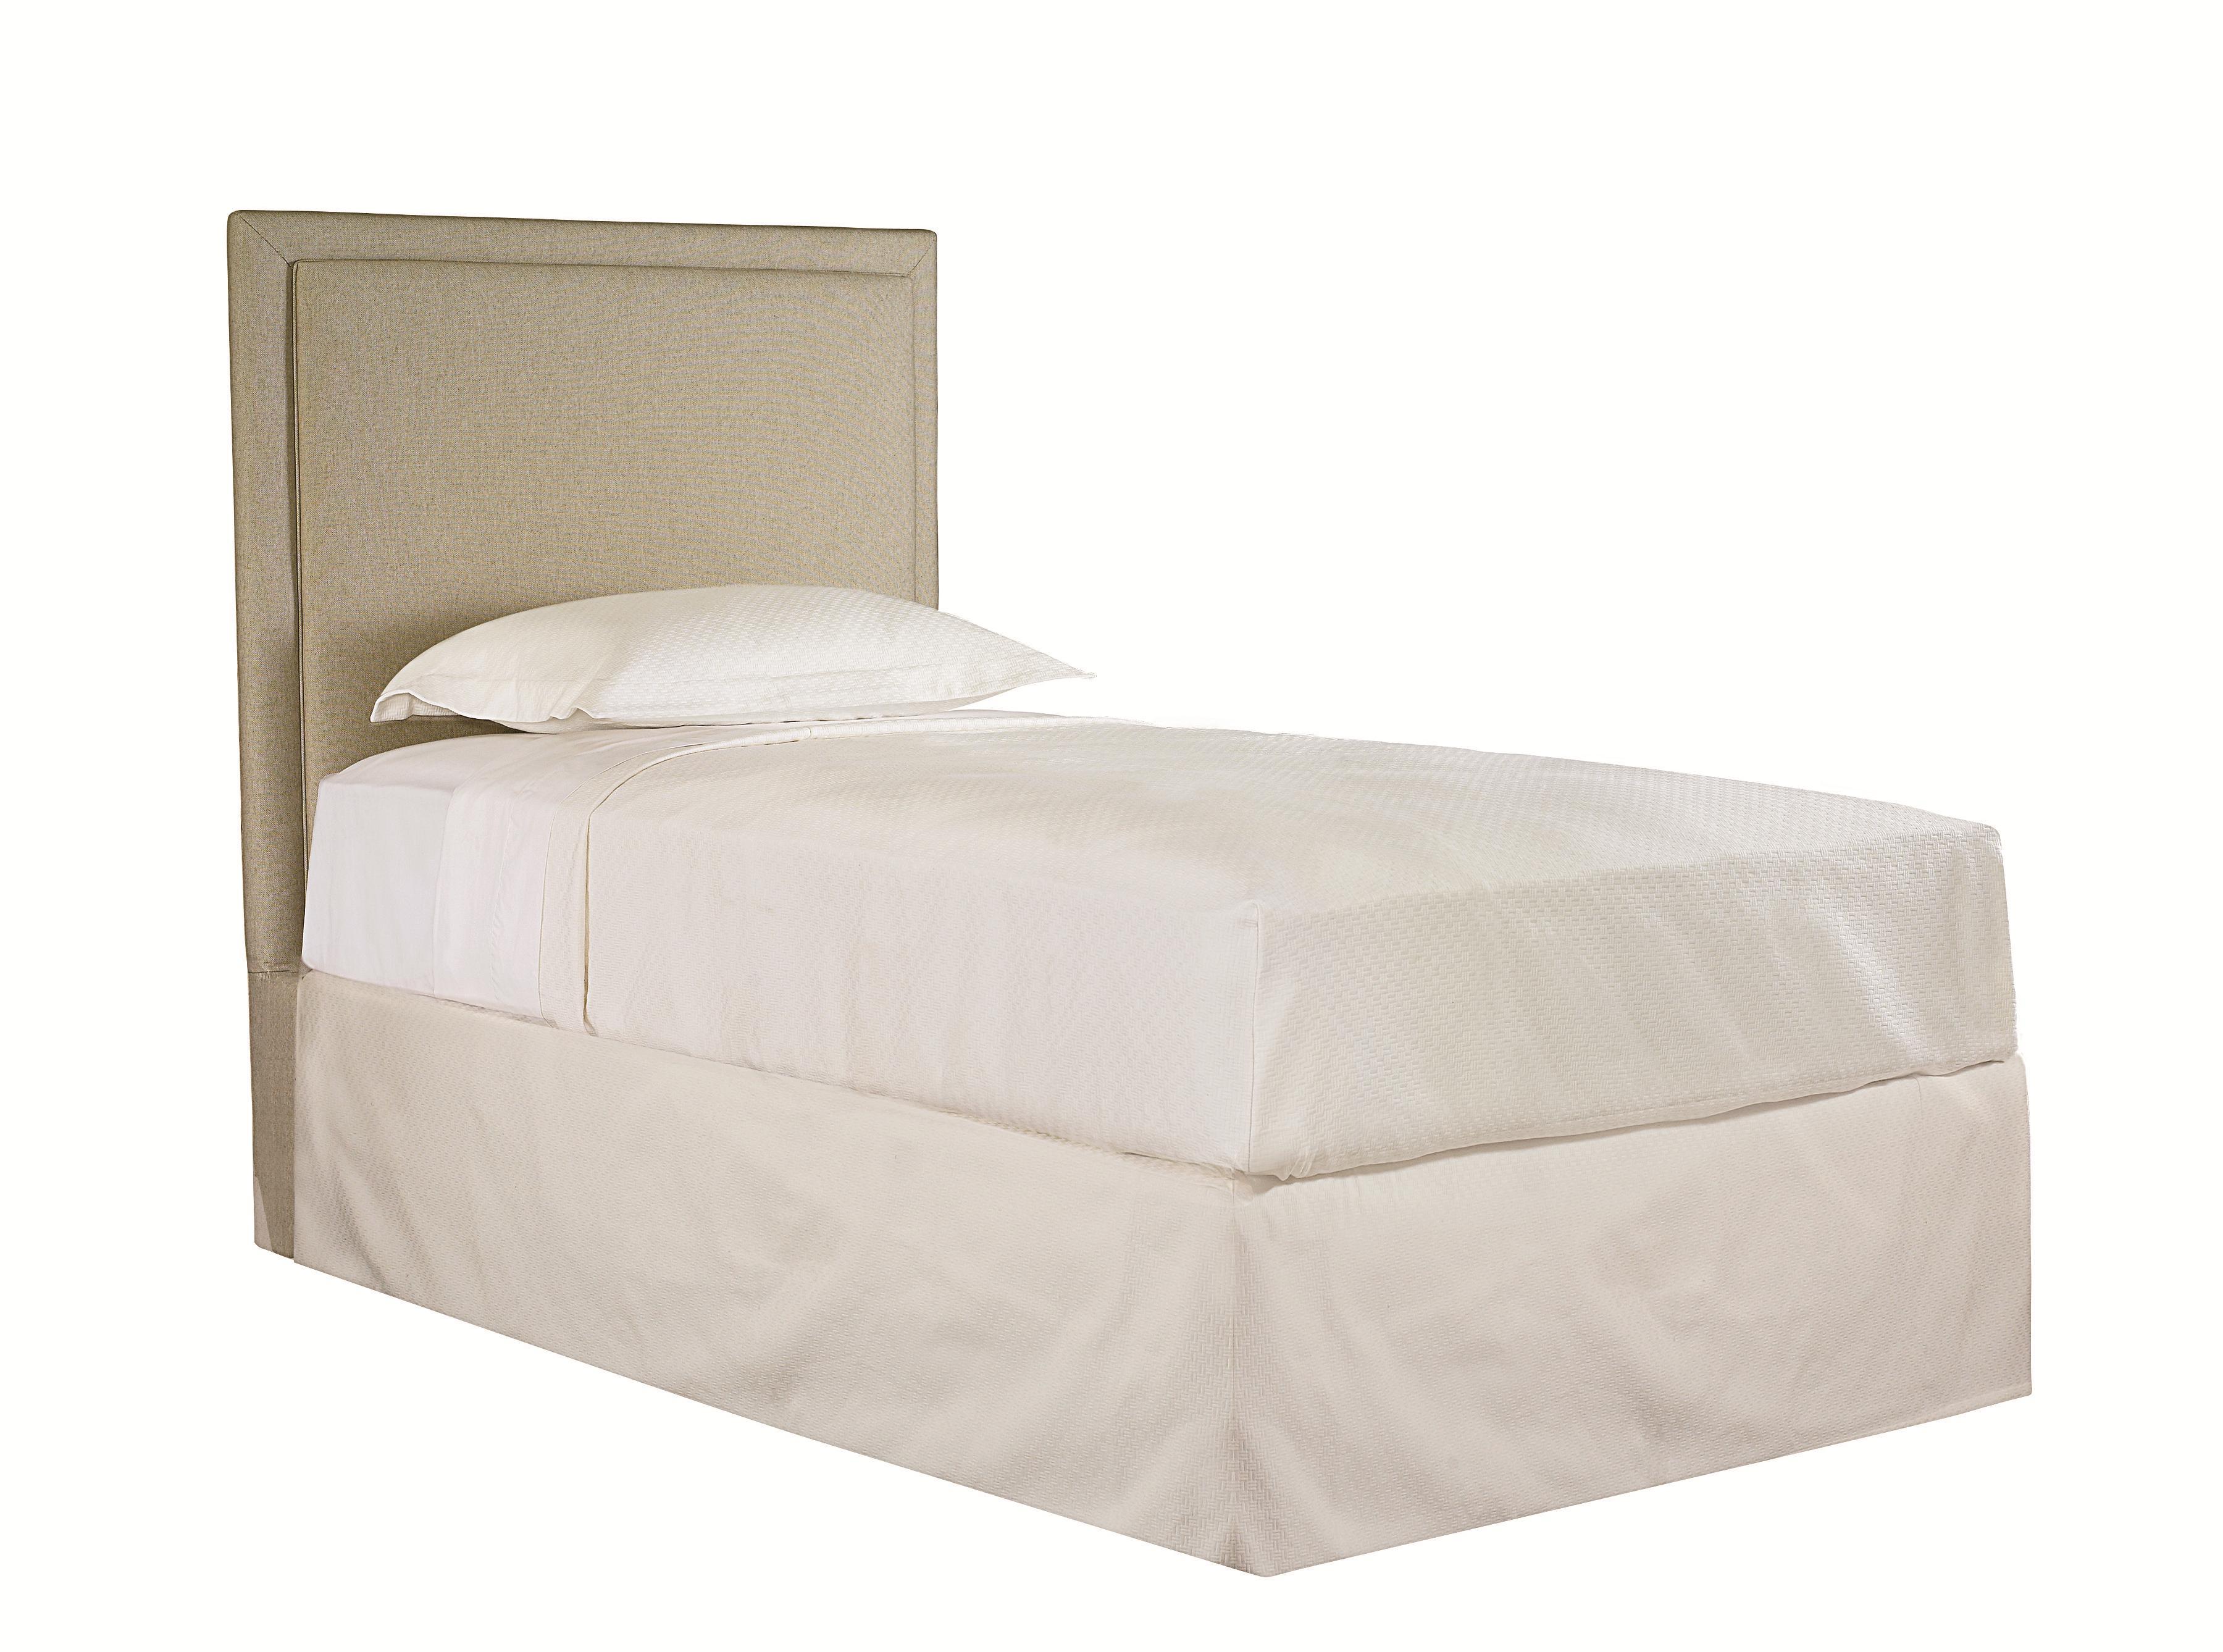 Bassett custom upholstered beds california king manhattan upholstered headboard john v schultz - Custom headboard ...